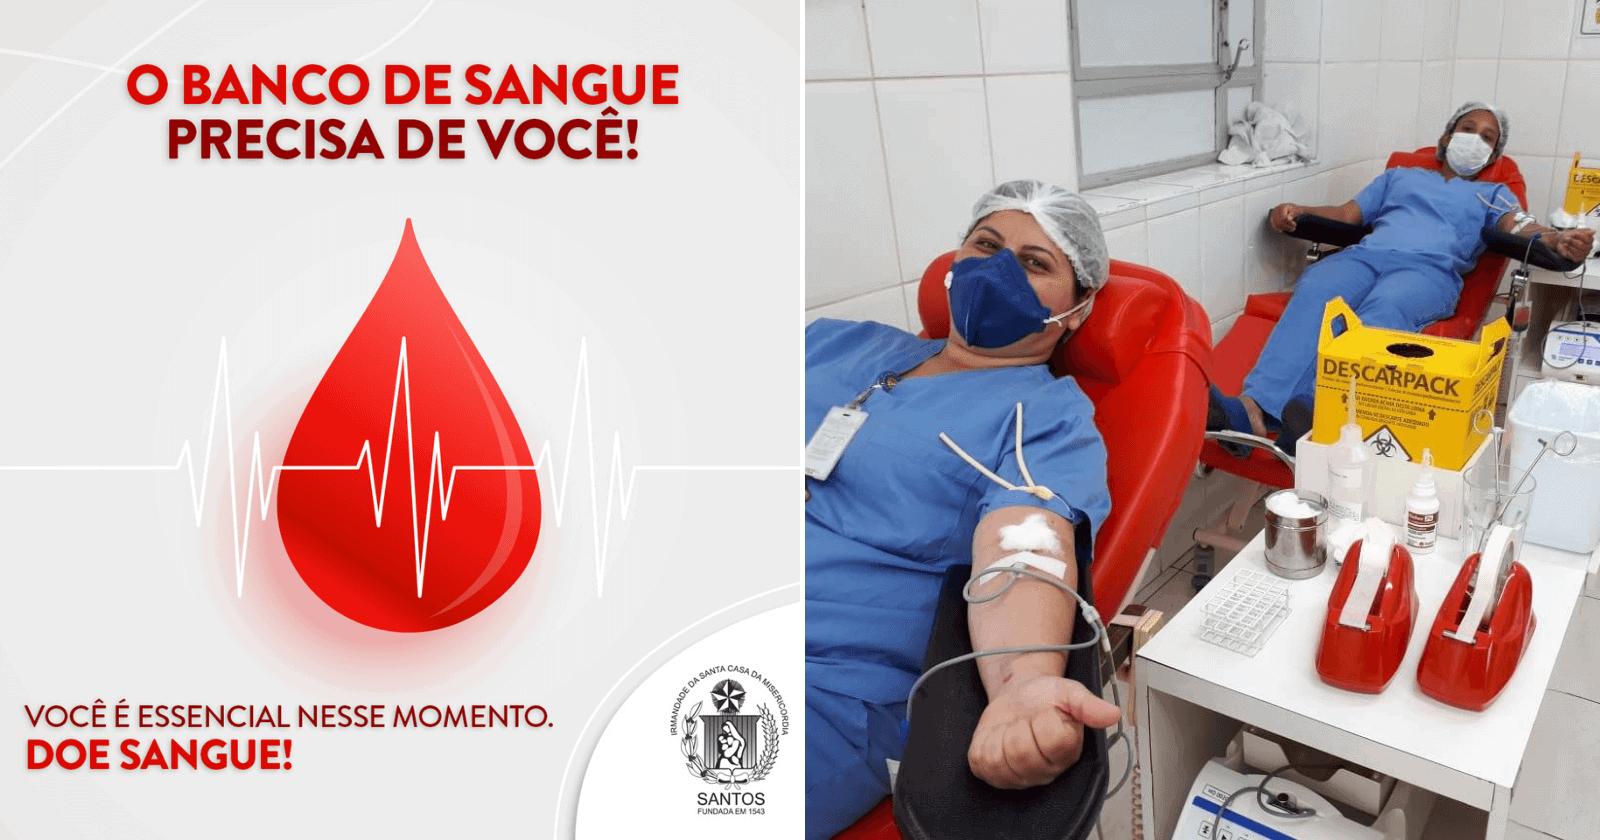 Profissionais de saúde doam sangue para repor estoque de hospital em estado crítico